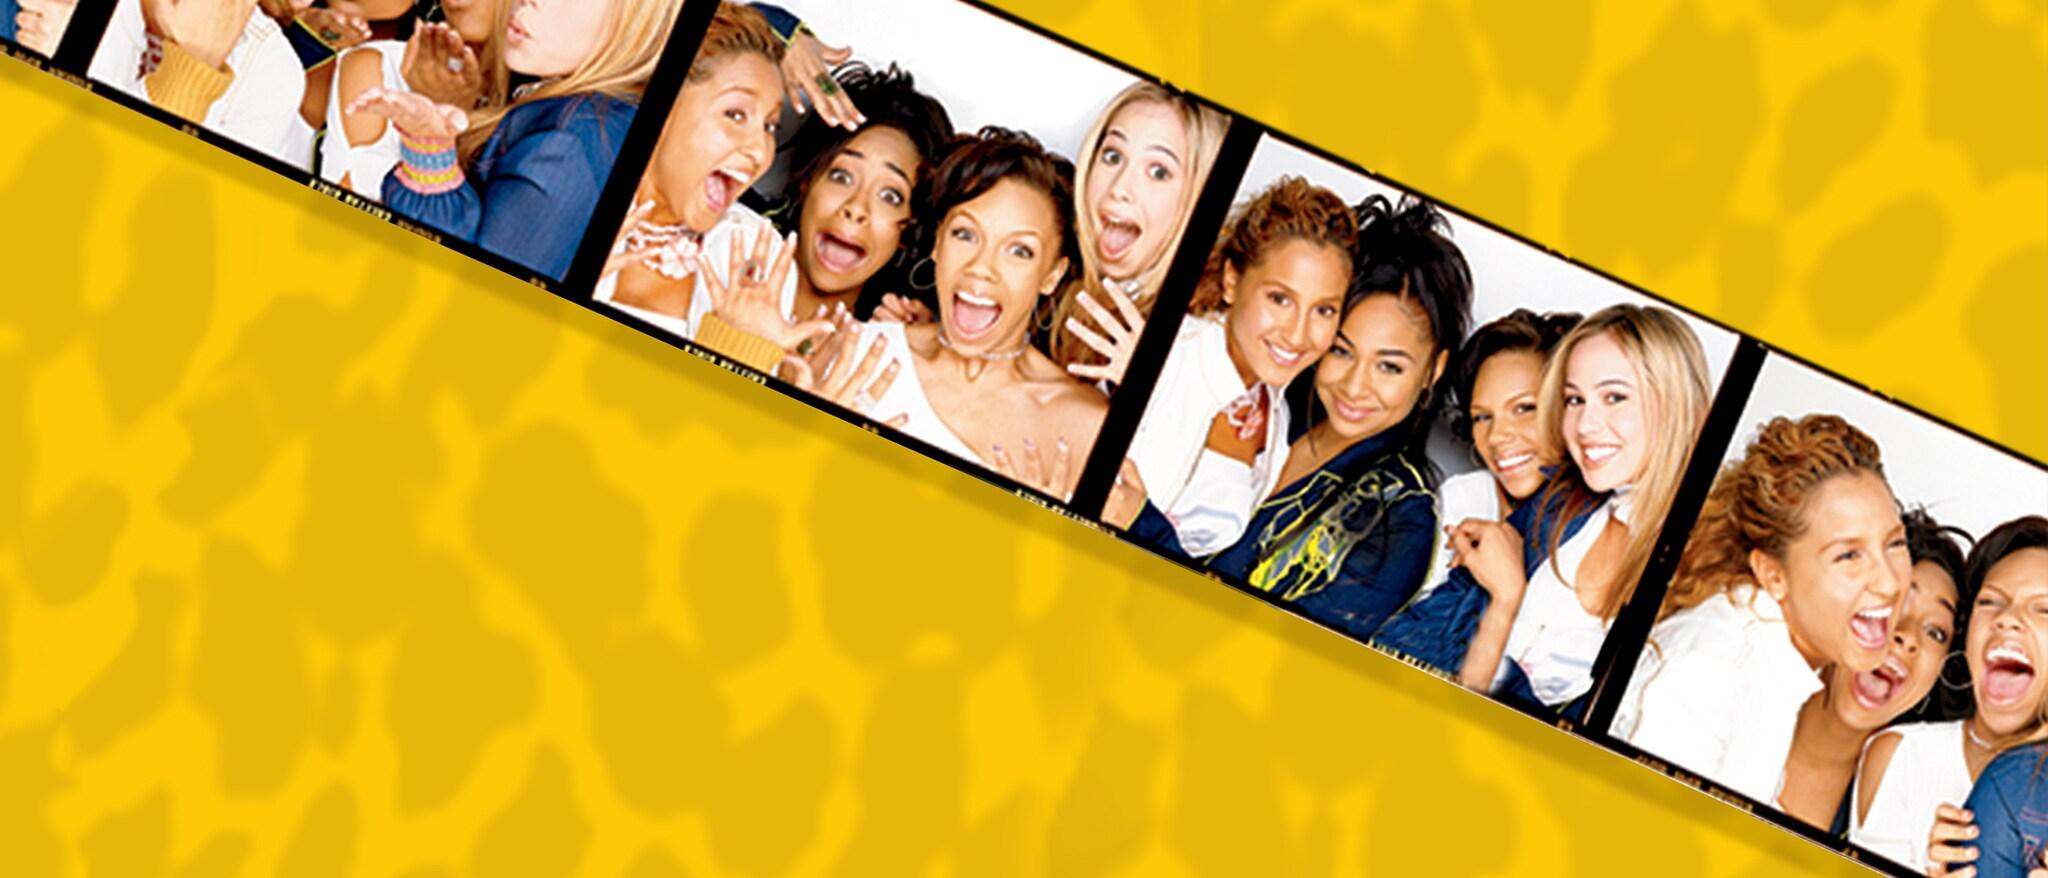 The Cheetah Girls Hero